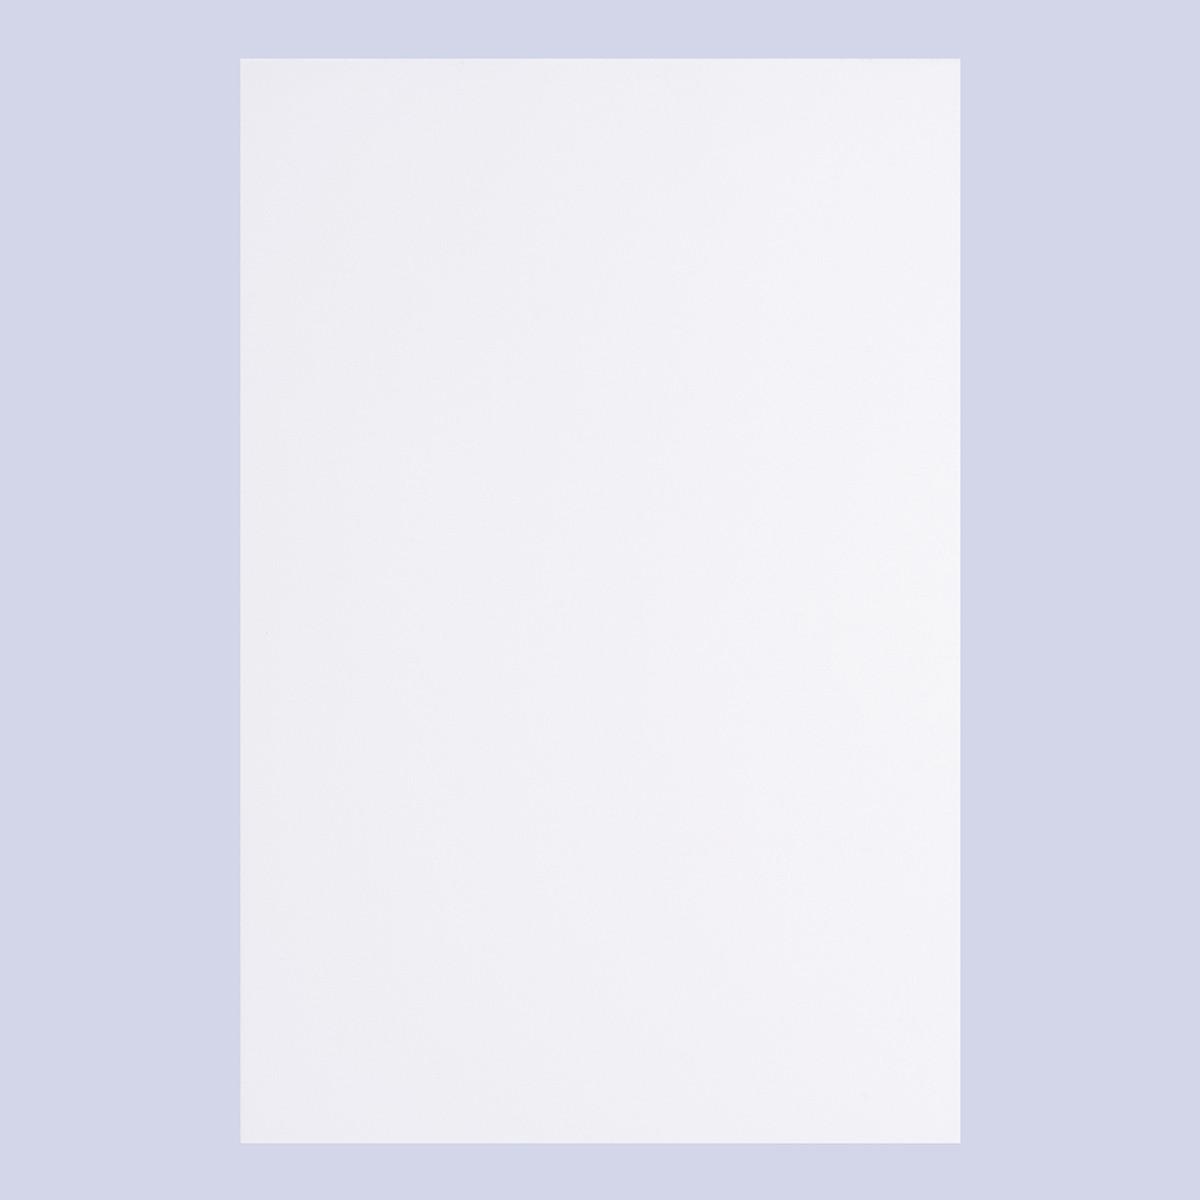 Фоаміран ЕВА білий, з клейовим шаром, 200*300 мм, товщина 1,7 мм, 10 листів